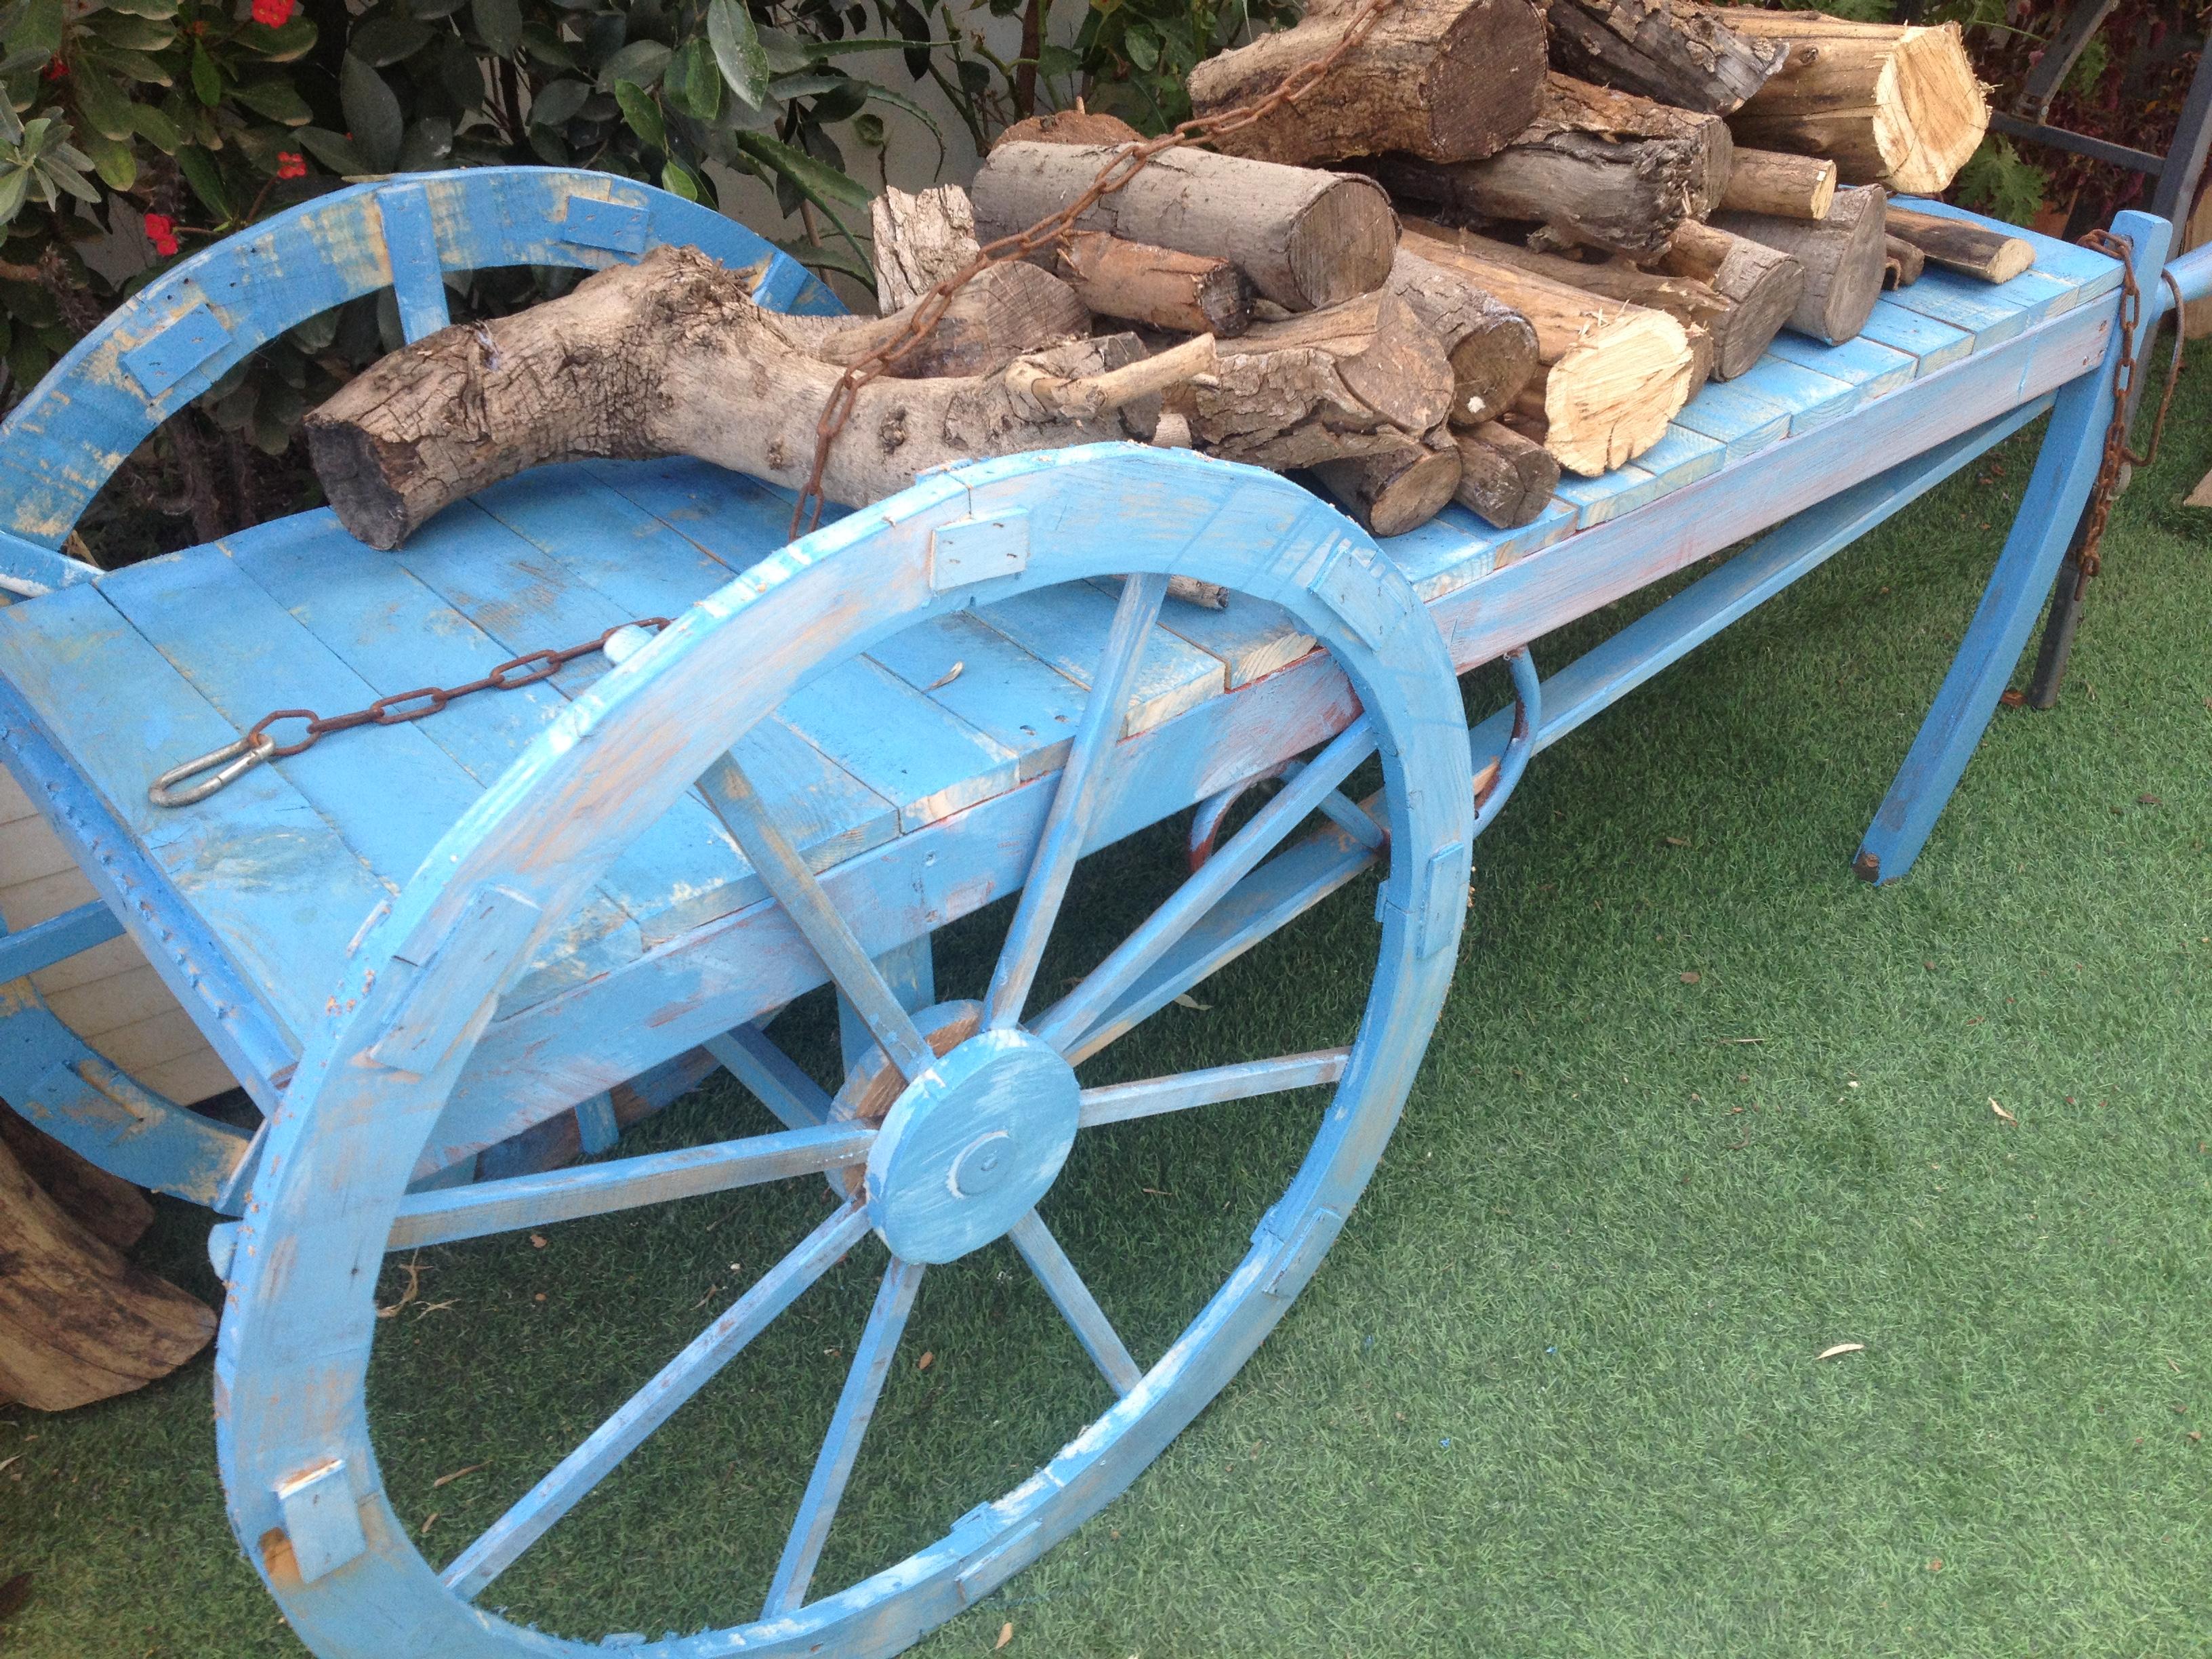 גלגל מרכבה, גלגל עץ, גלגל עץ עתיק, גלגל כרכרה, לנו